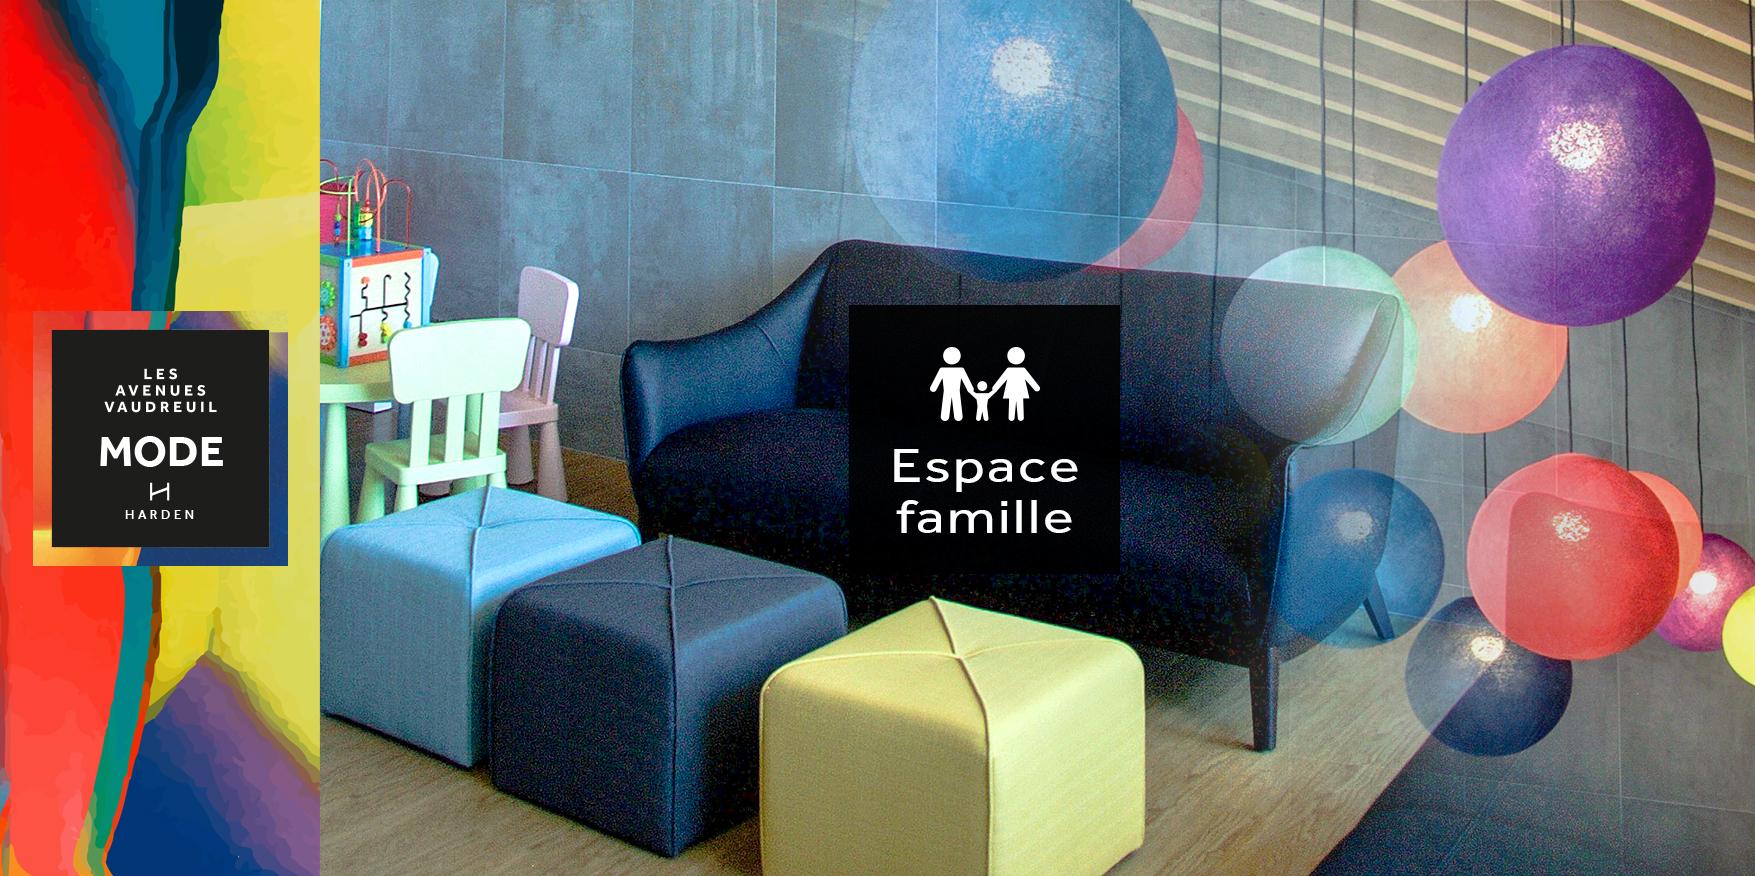 Des services pour toute la famille!